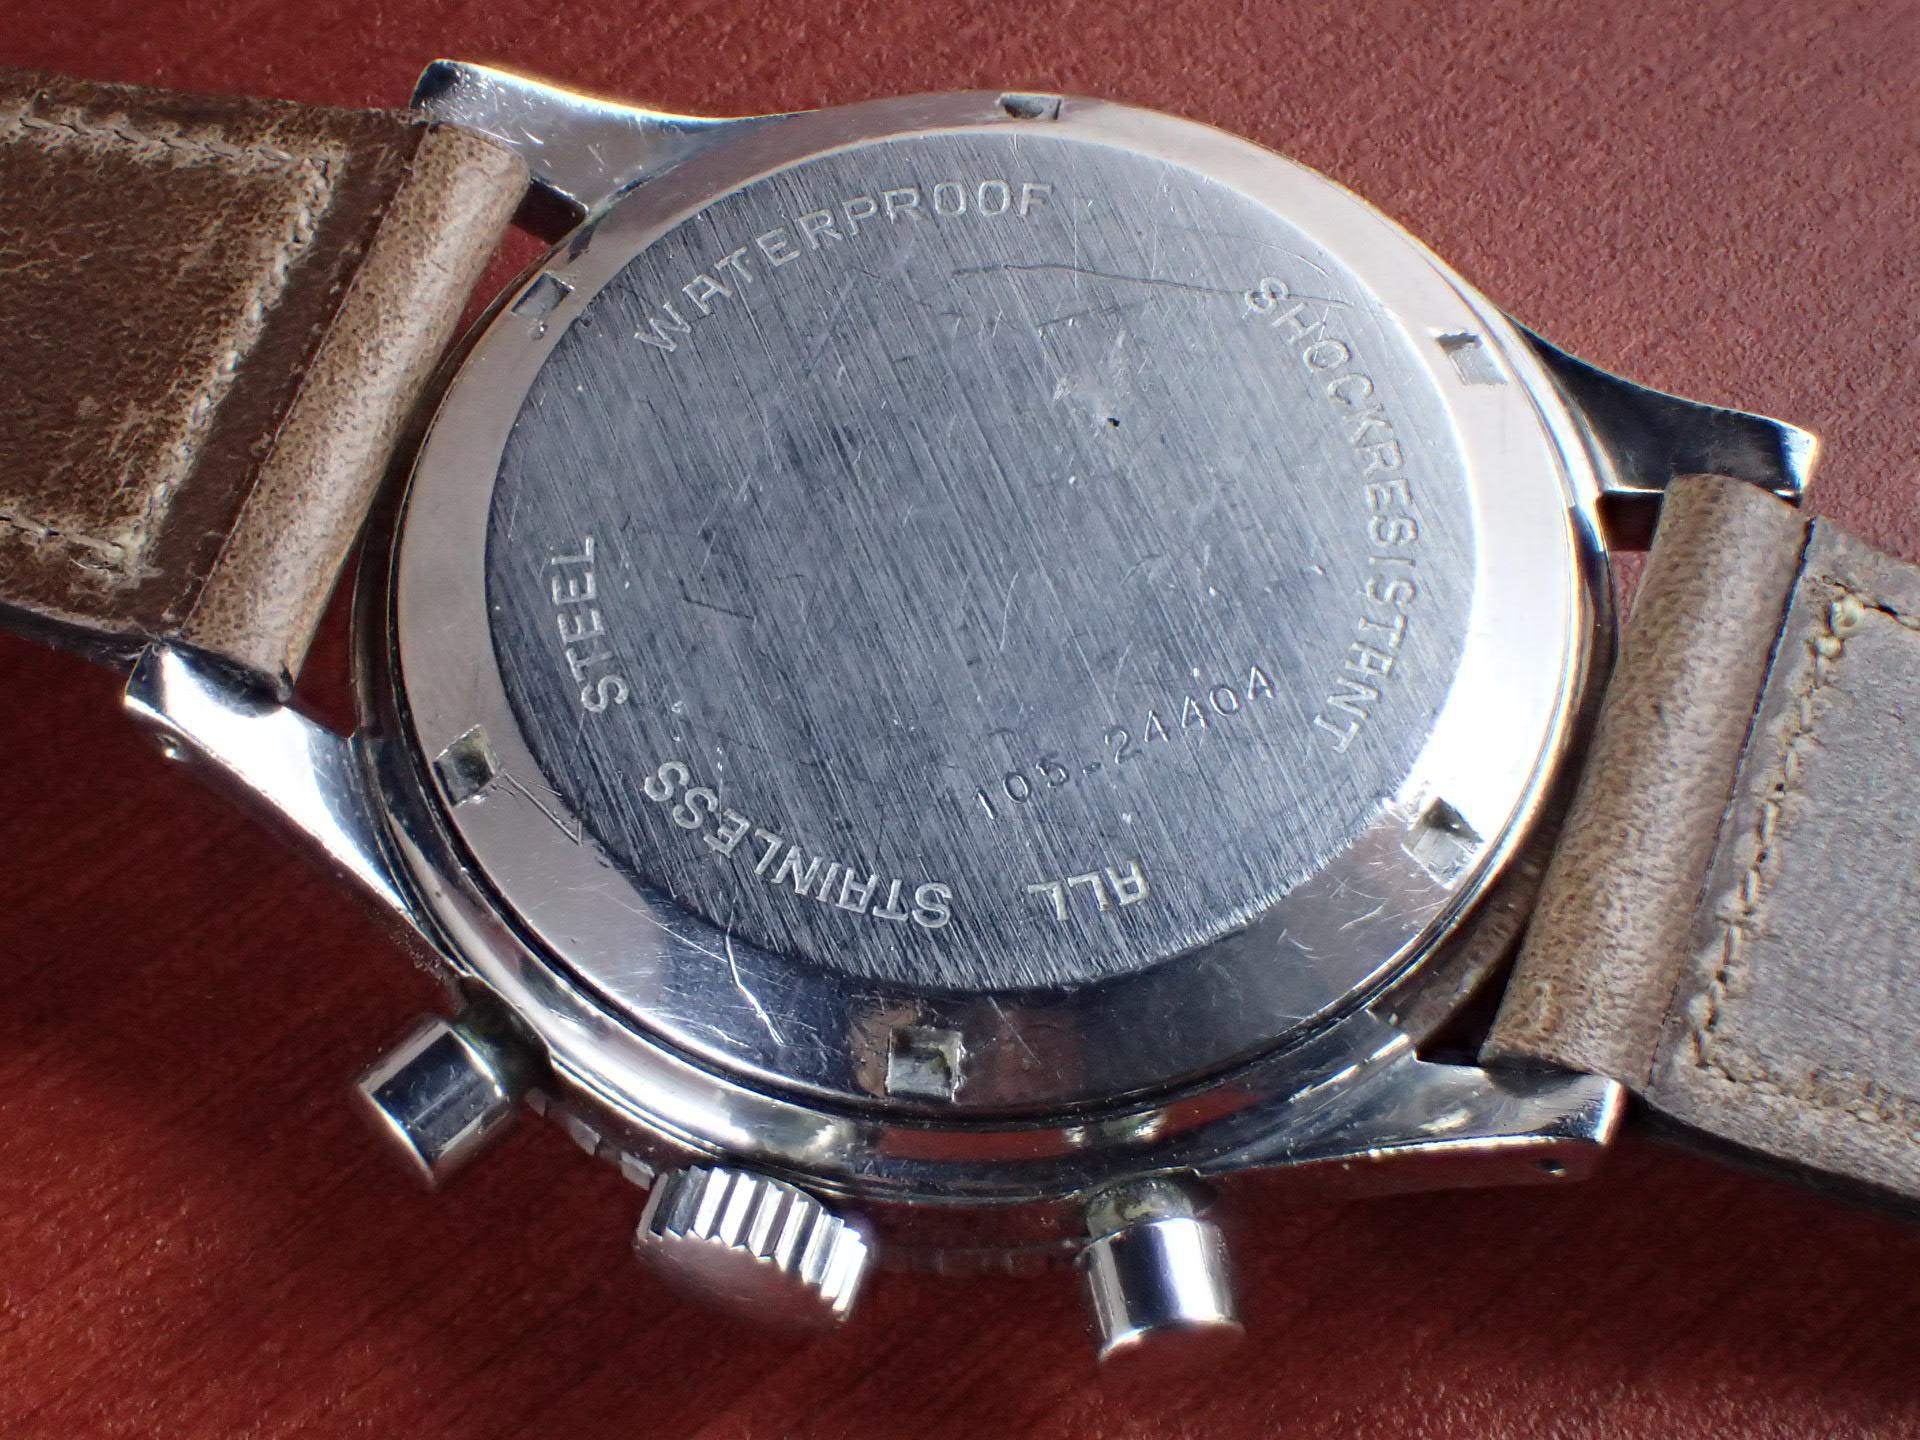 クロトン クロノマスター シーダイバー クロノグラフ バルジュー23 1960年代の写真4枚目